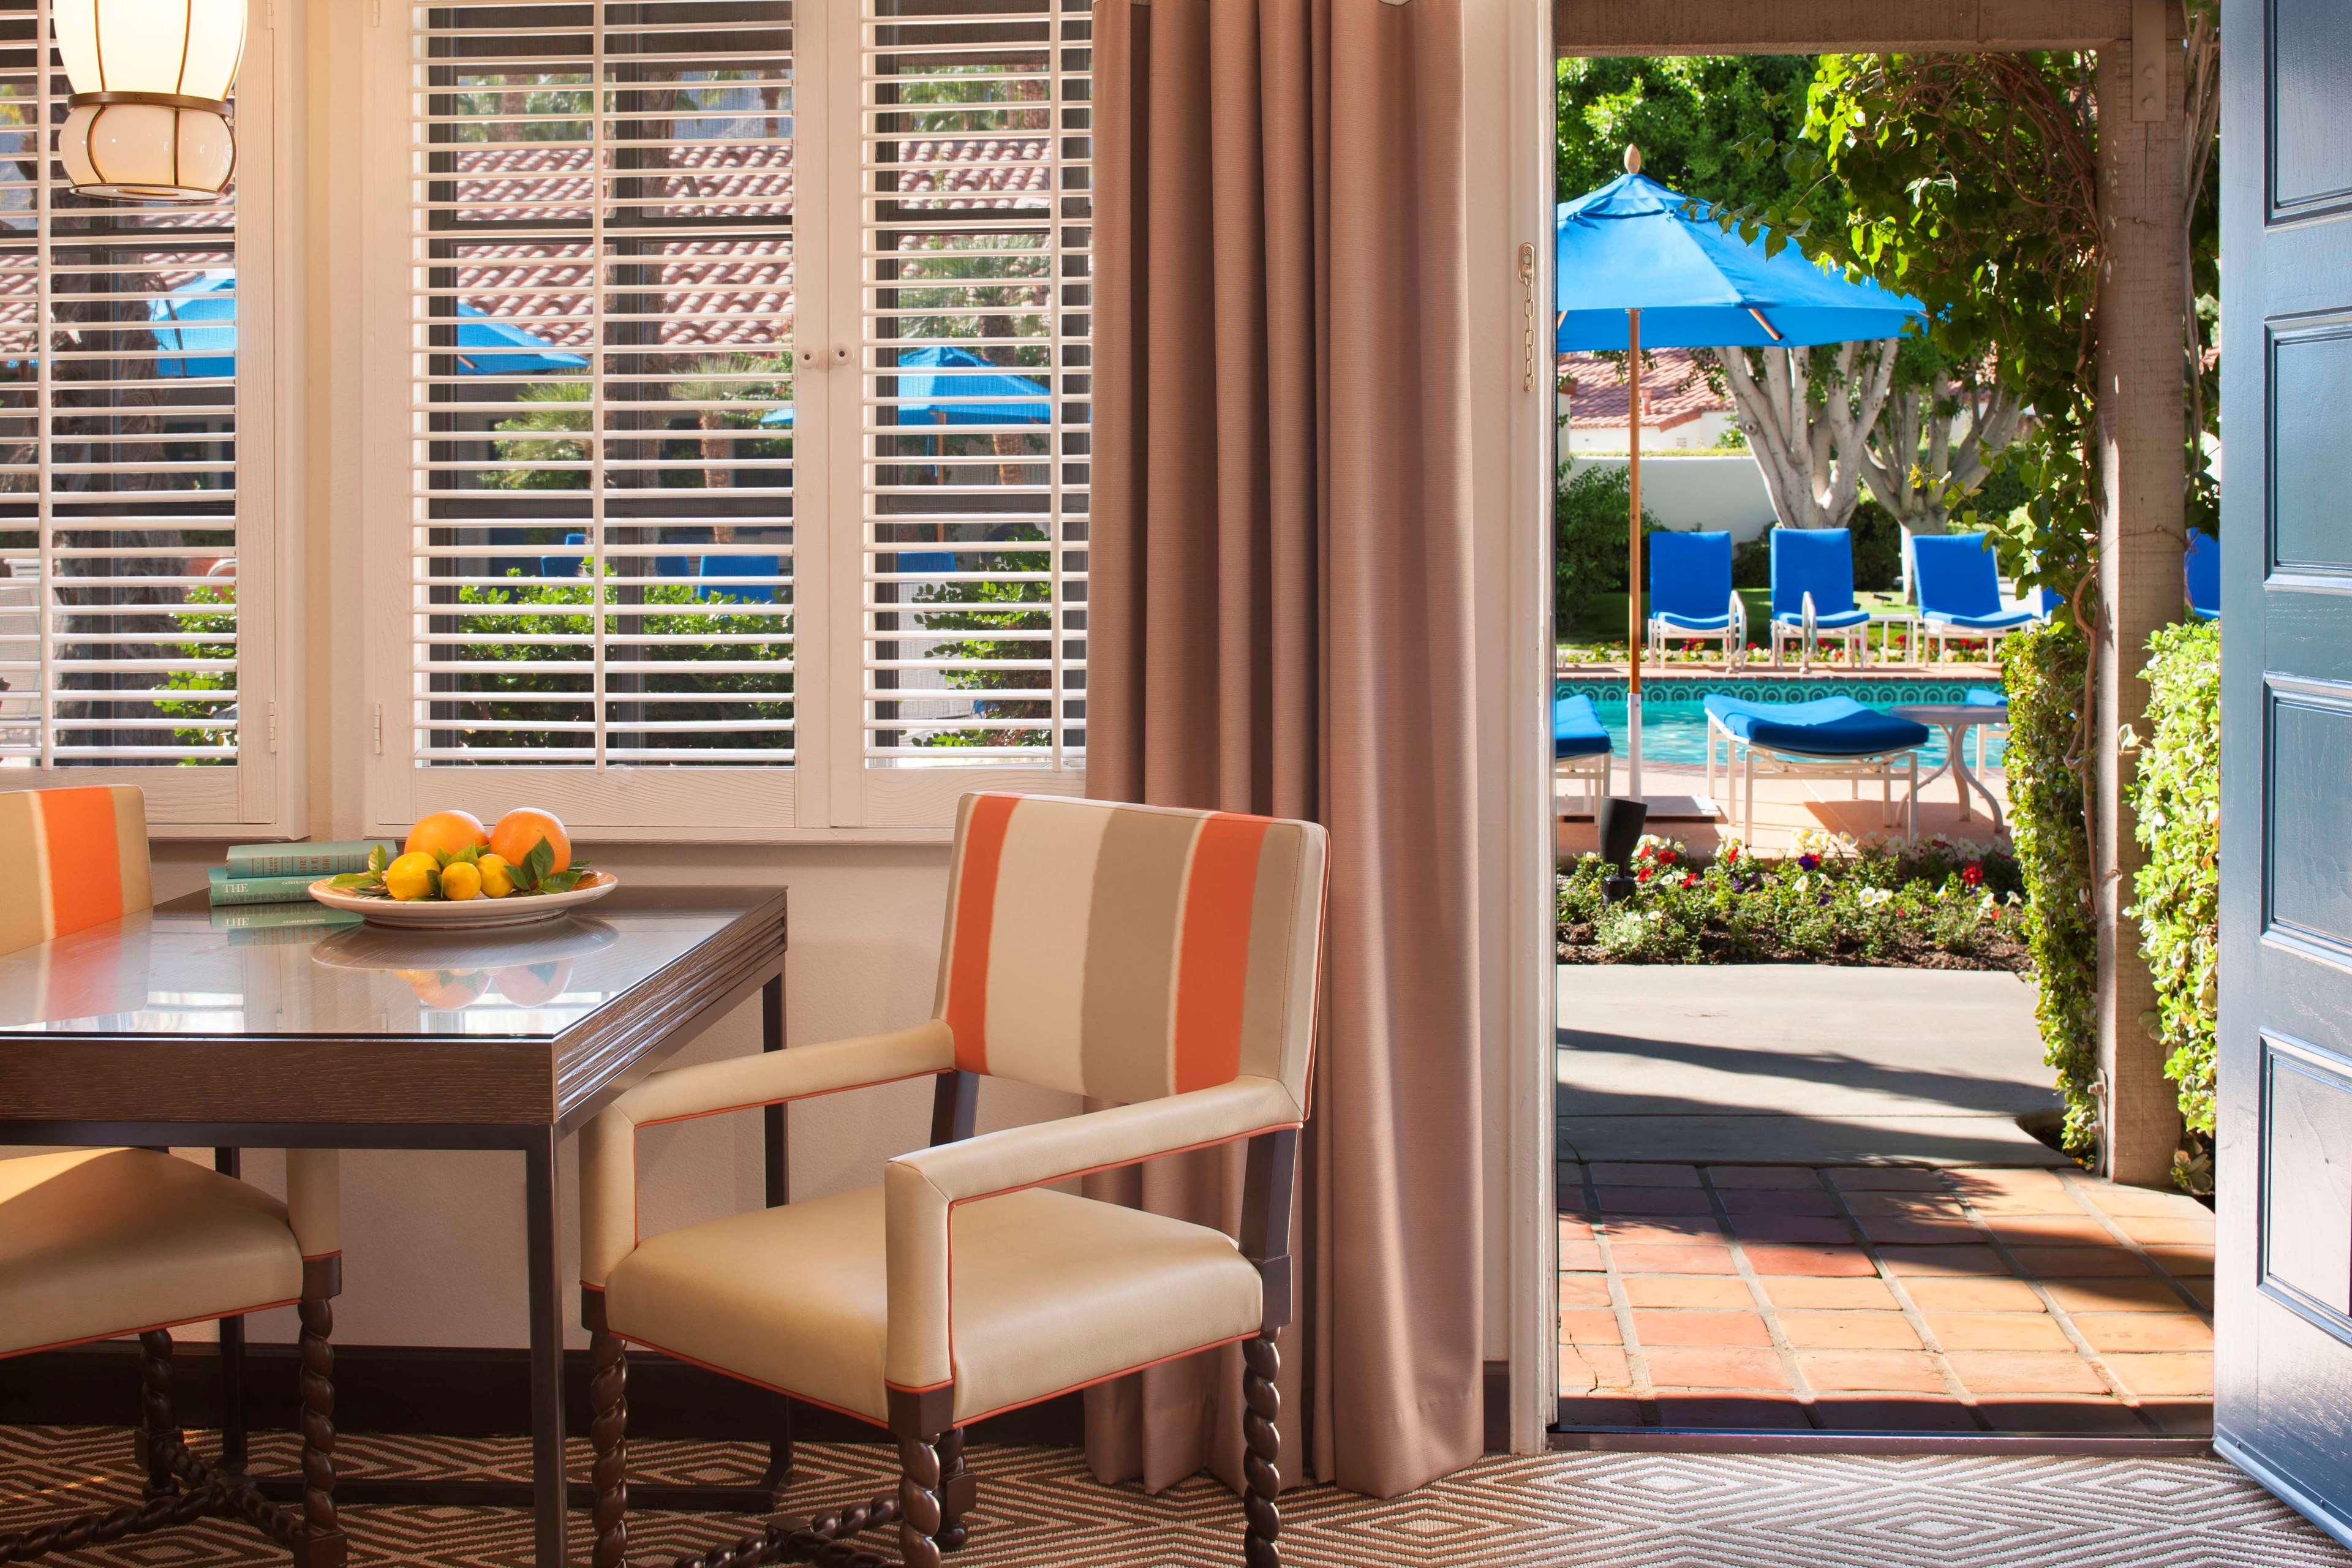 La Quinta Resort & Club, A Waldorf Astoria Resort image 36